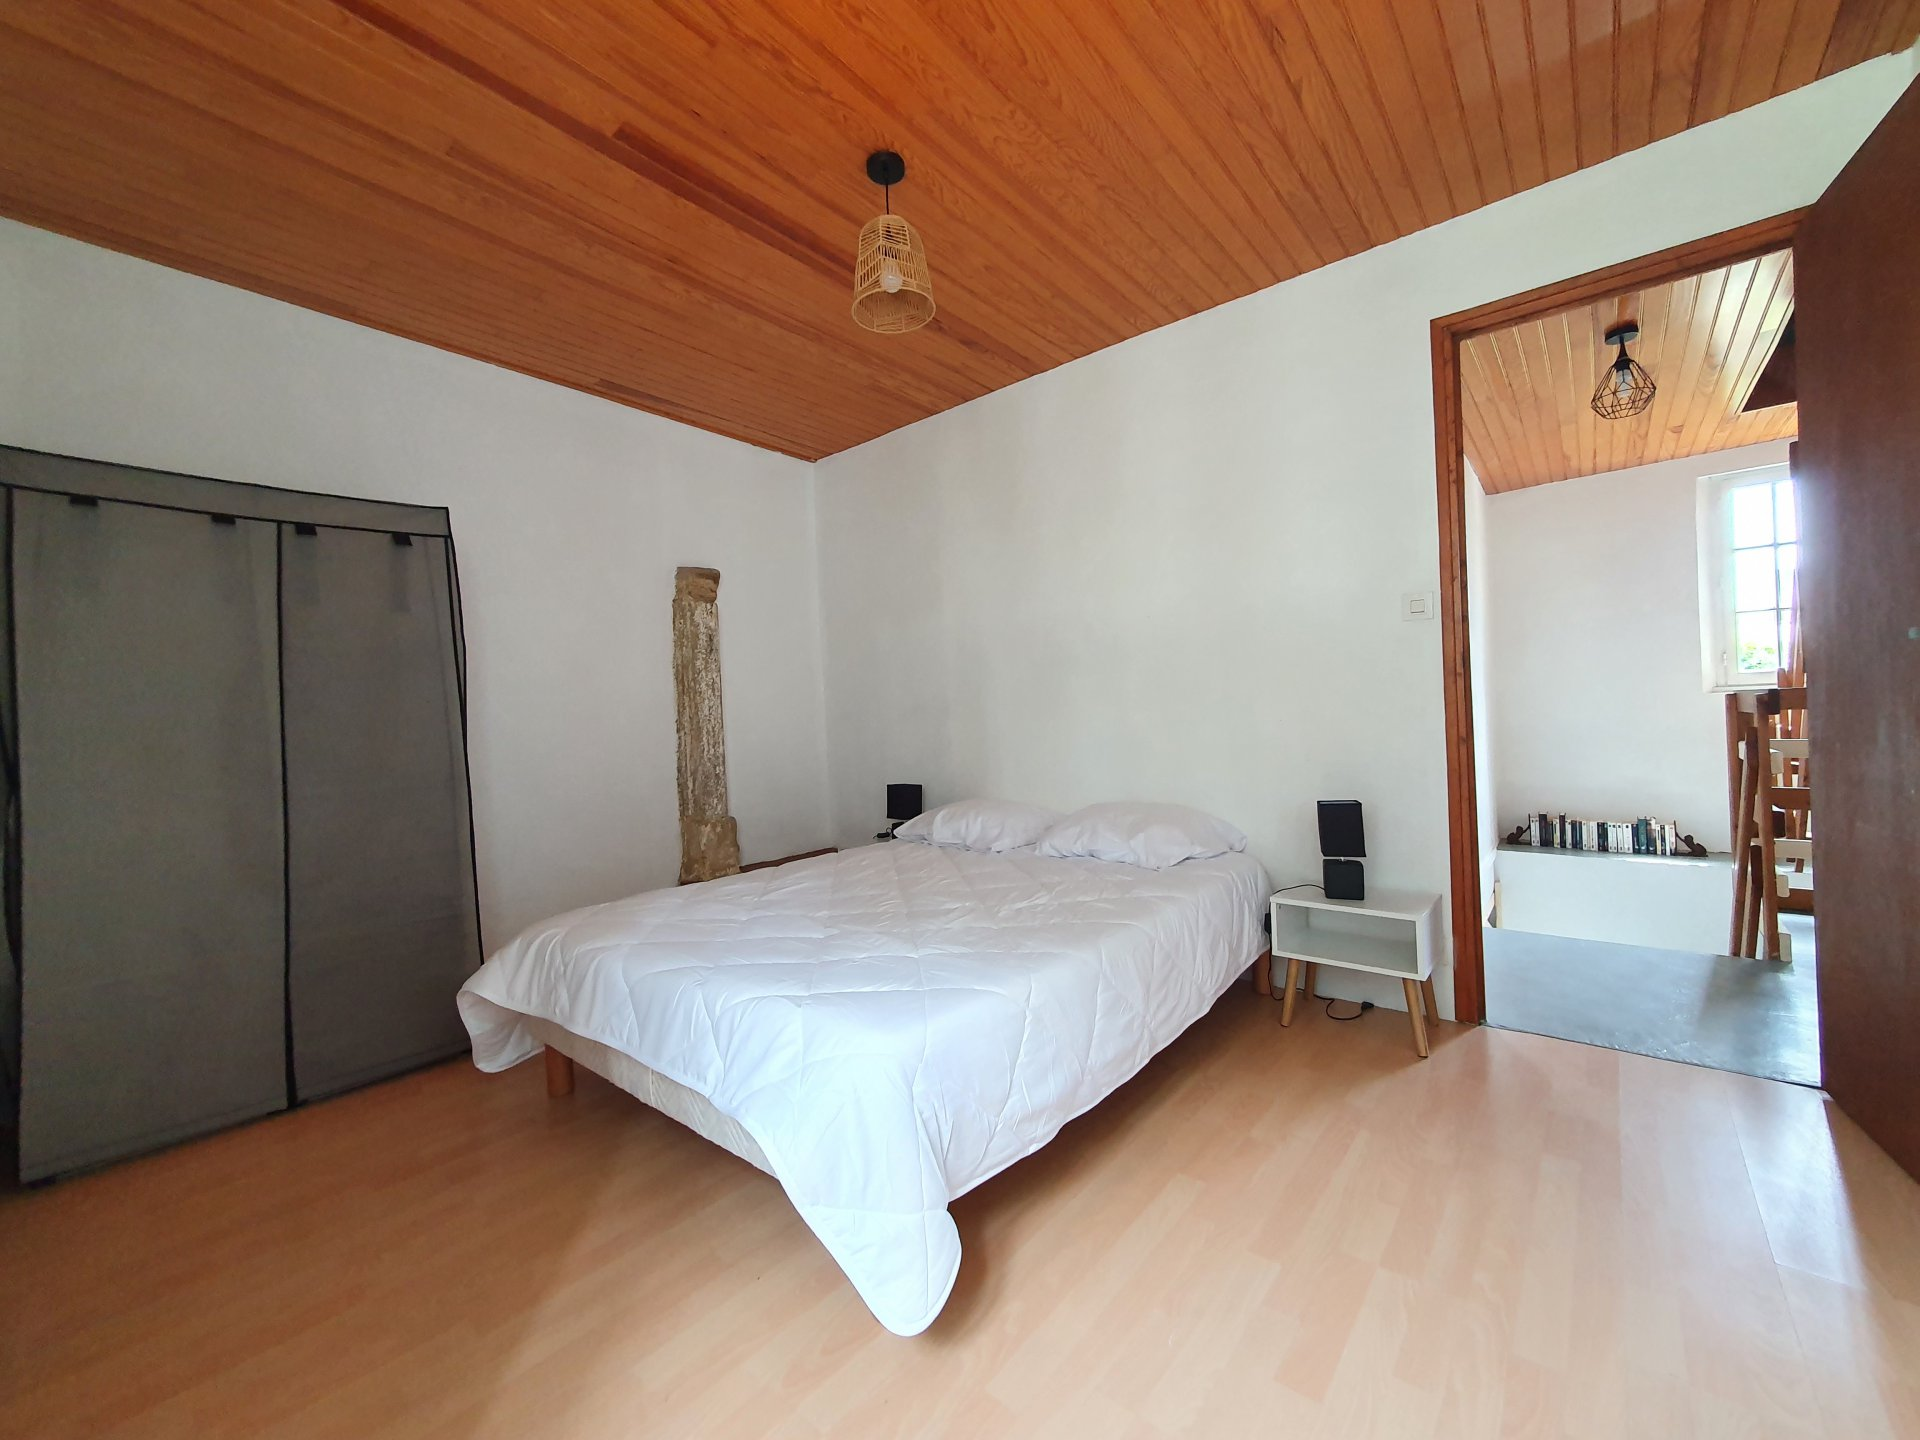 Maison à louer à Damgan Port de pénerf - Maison de vacances pour 5 personnes